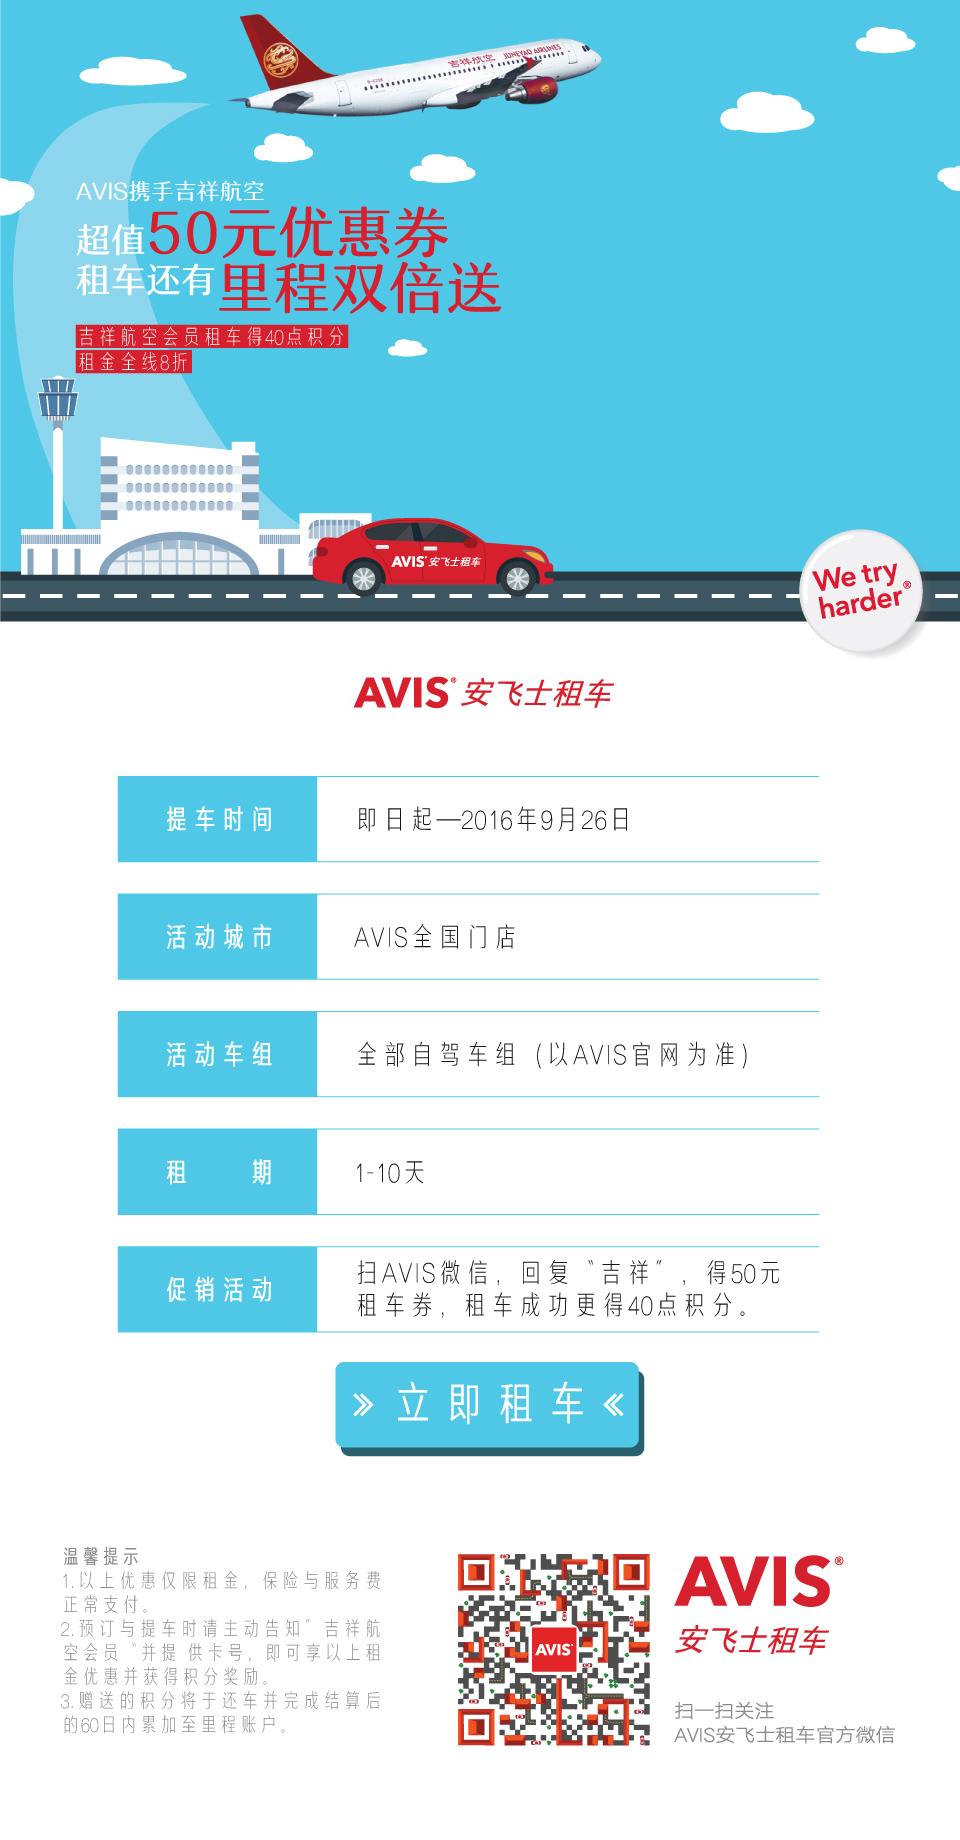 C:\Users\zhanghao1\Desktop\刘亮\AVIS\吉祥_空右面预留画面.jpg